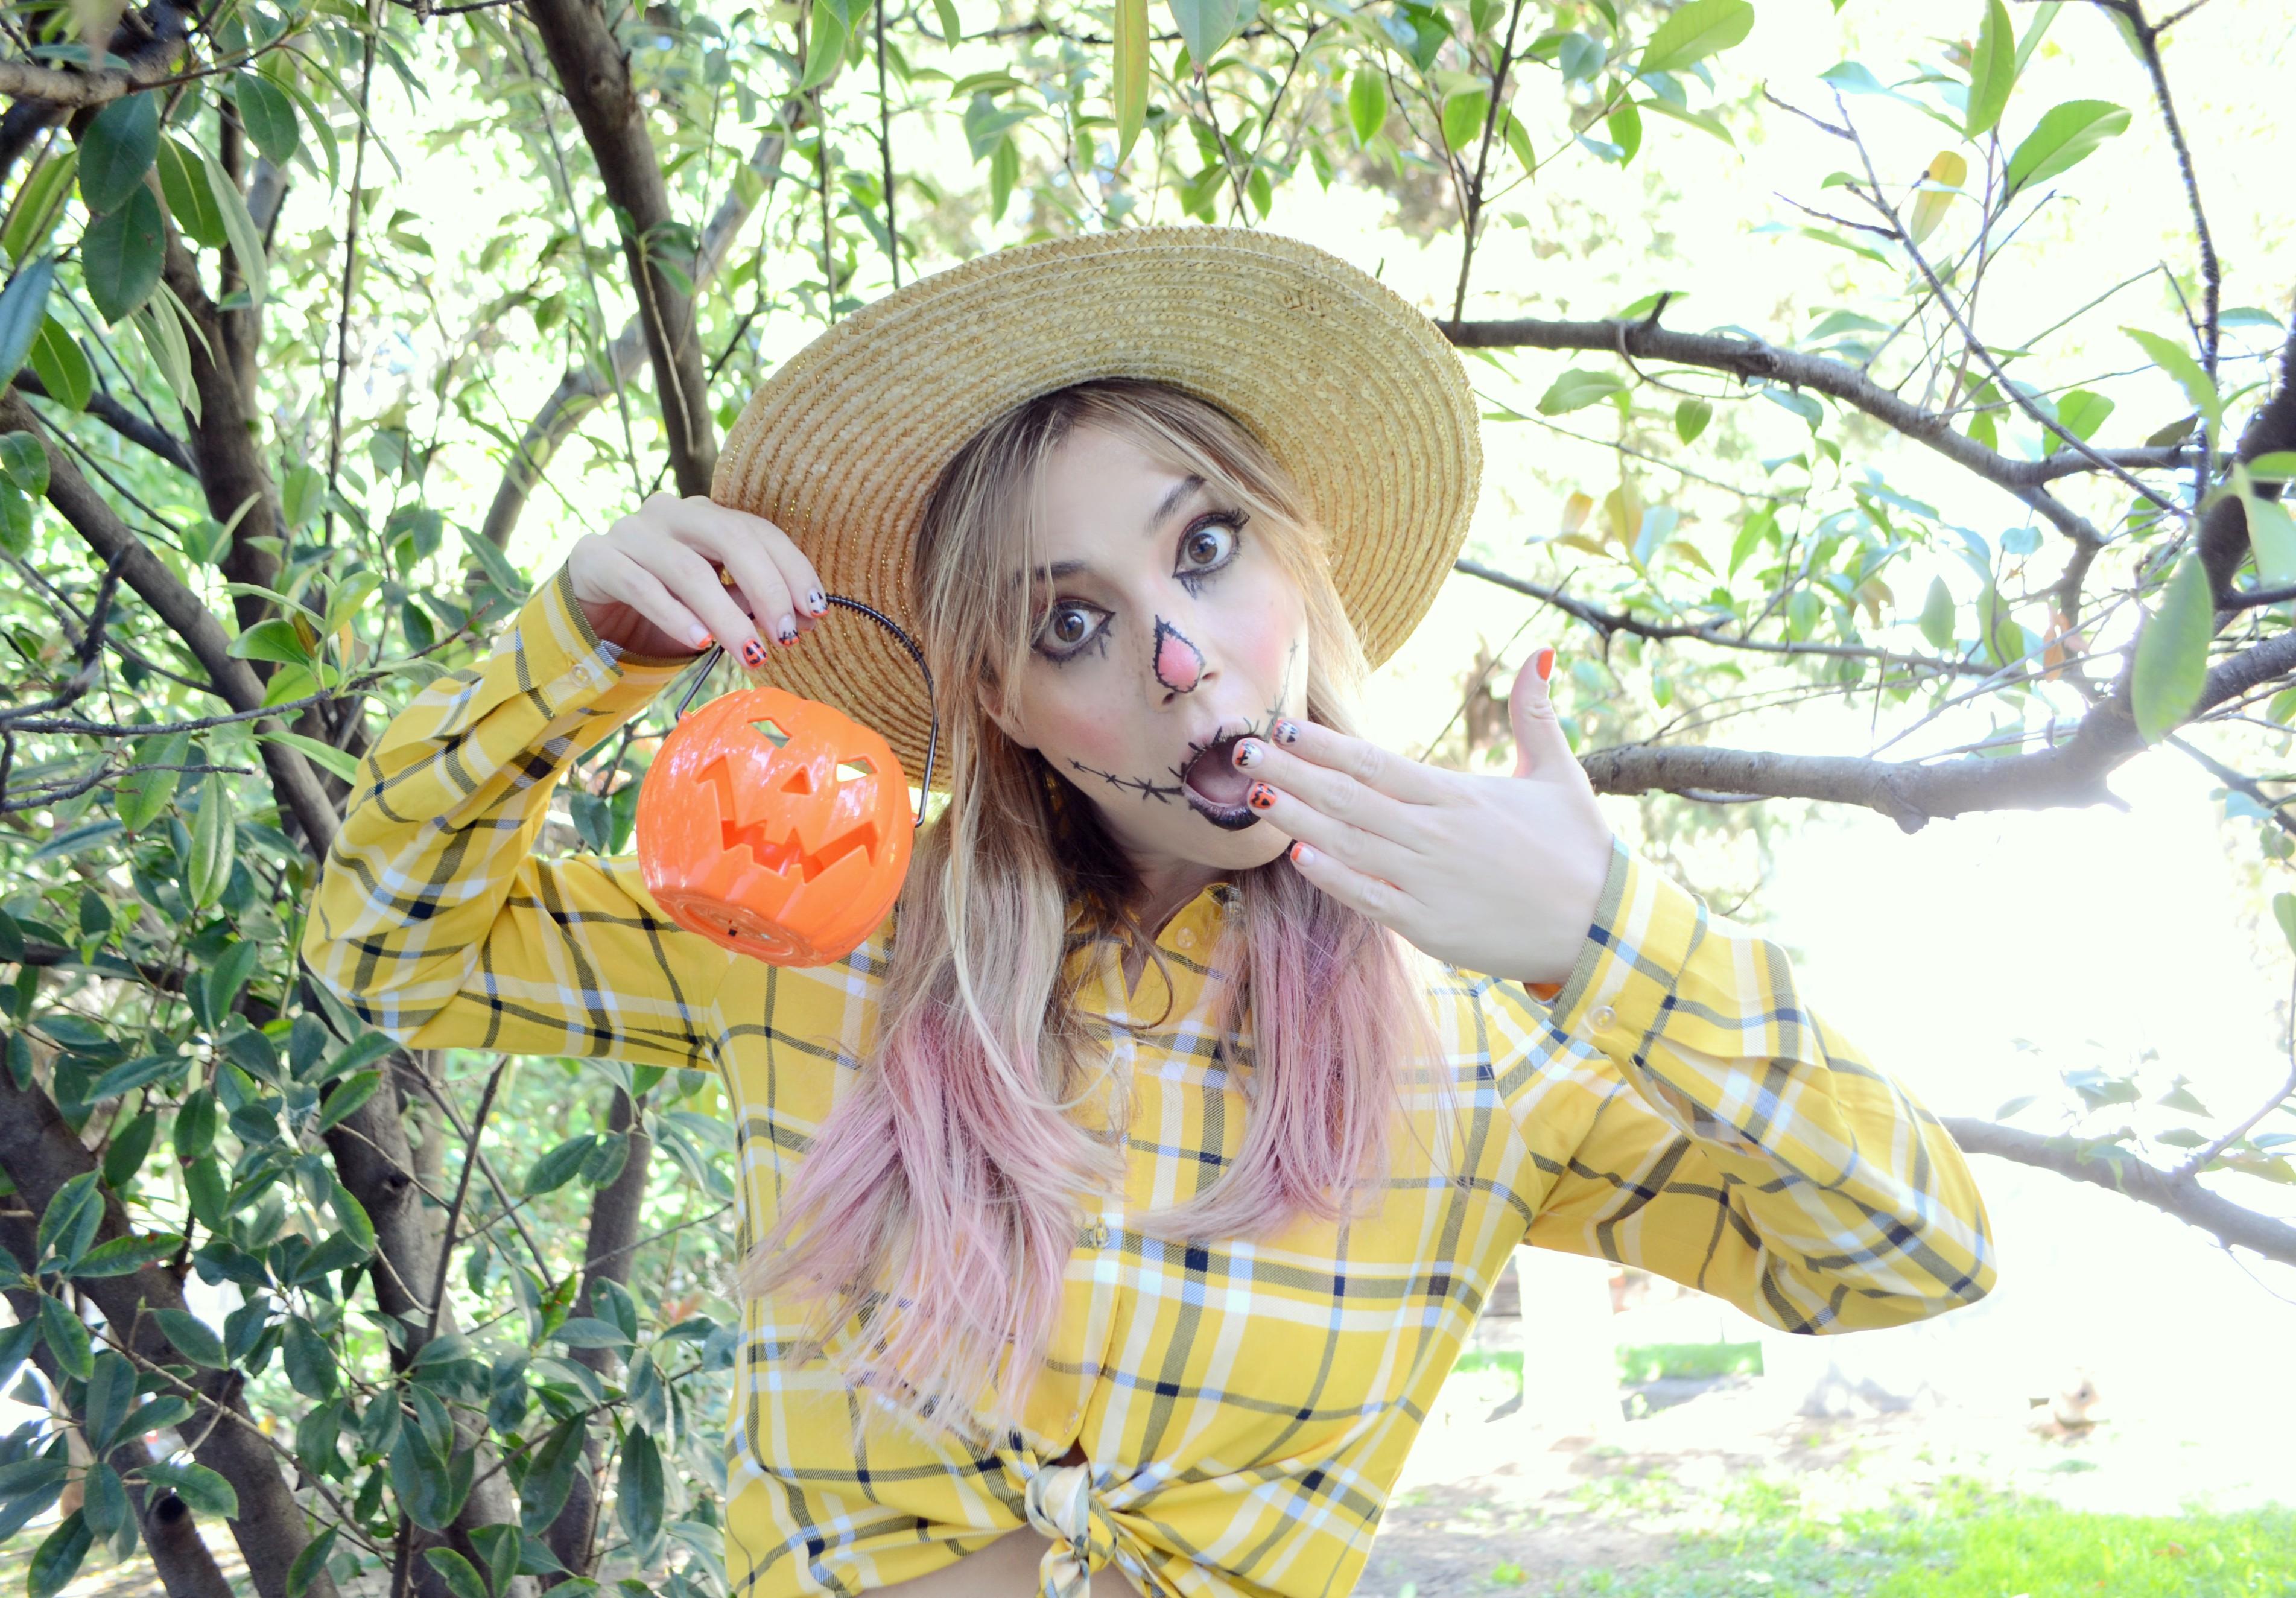 cute-scarecrow-costume-halloween-nails-ChicAdicta-fashionista-Chic-Adicta-blog-de-moda-disfraz-de-espantapajaros-maquillaje-urvan-Madrid-PiensaenChic-Piensa-en-Chic